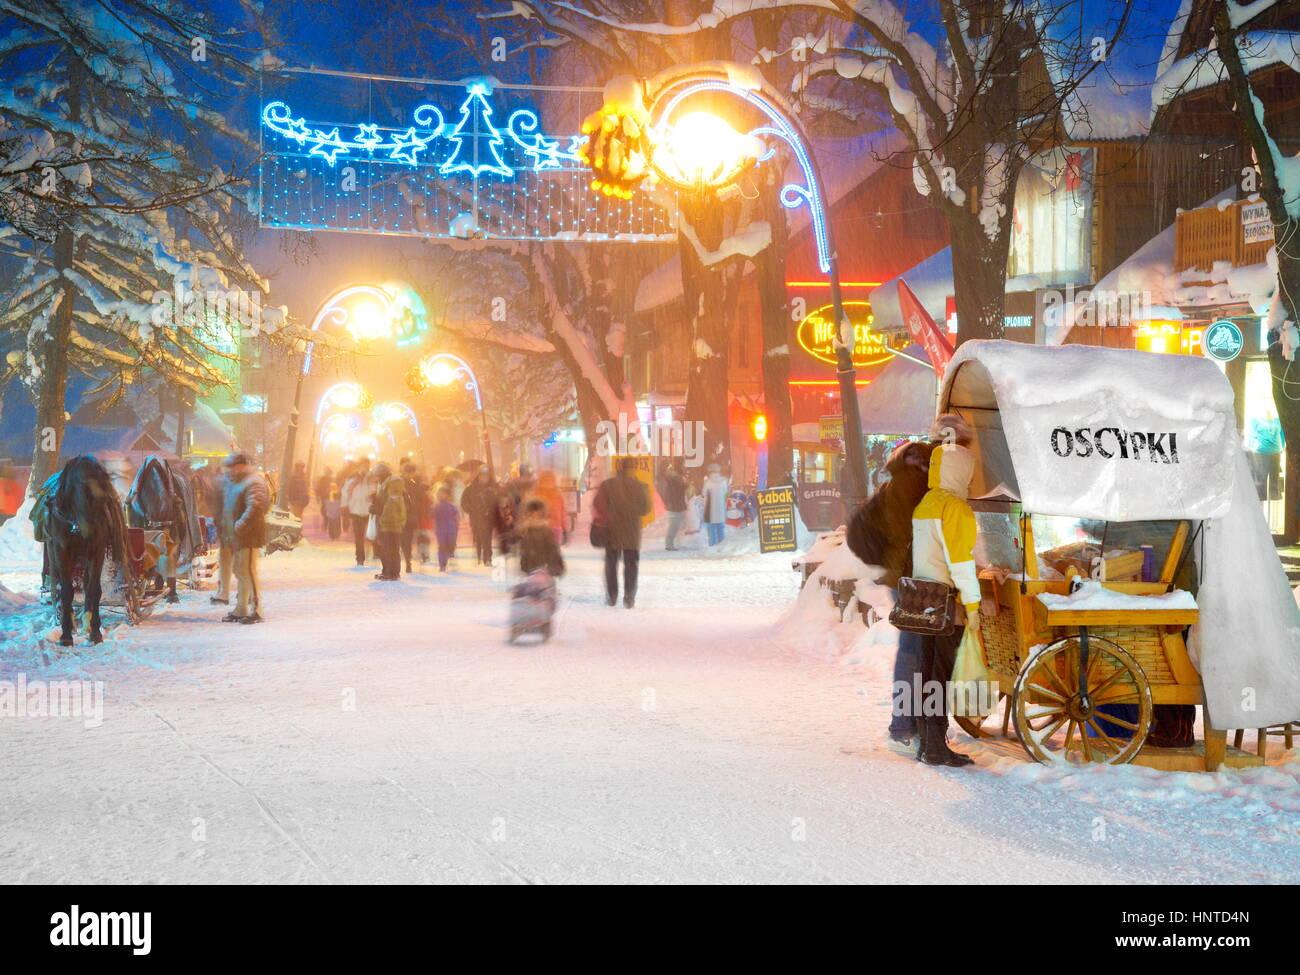 Hiver neige city à l'époque de Noël à Zakopane, Pologne Photo Stock